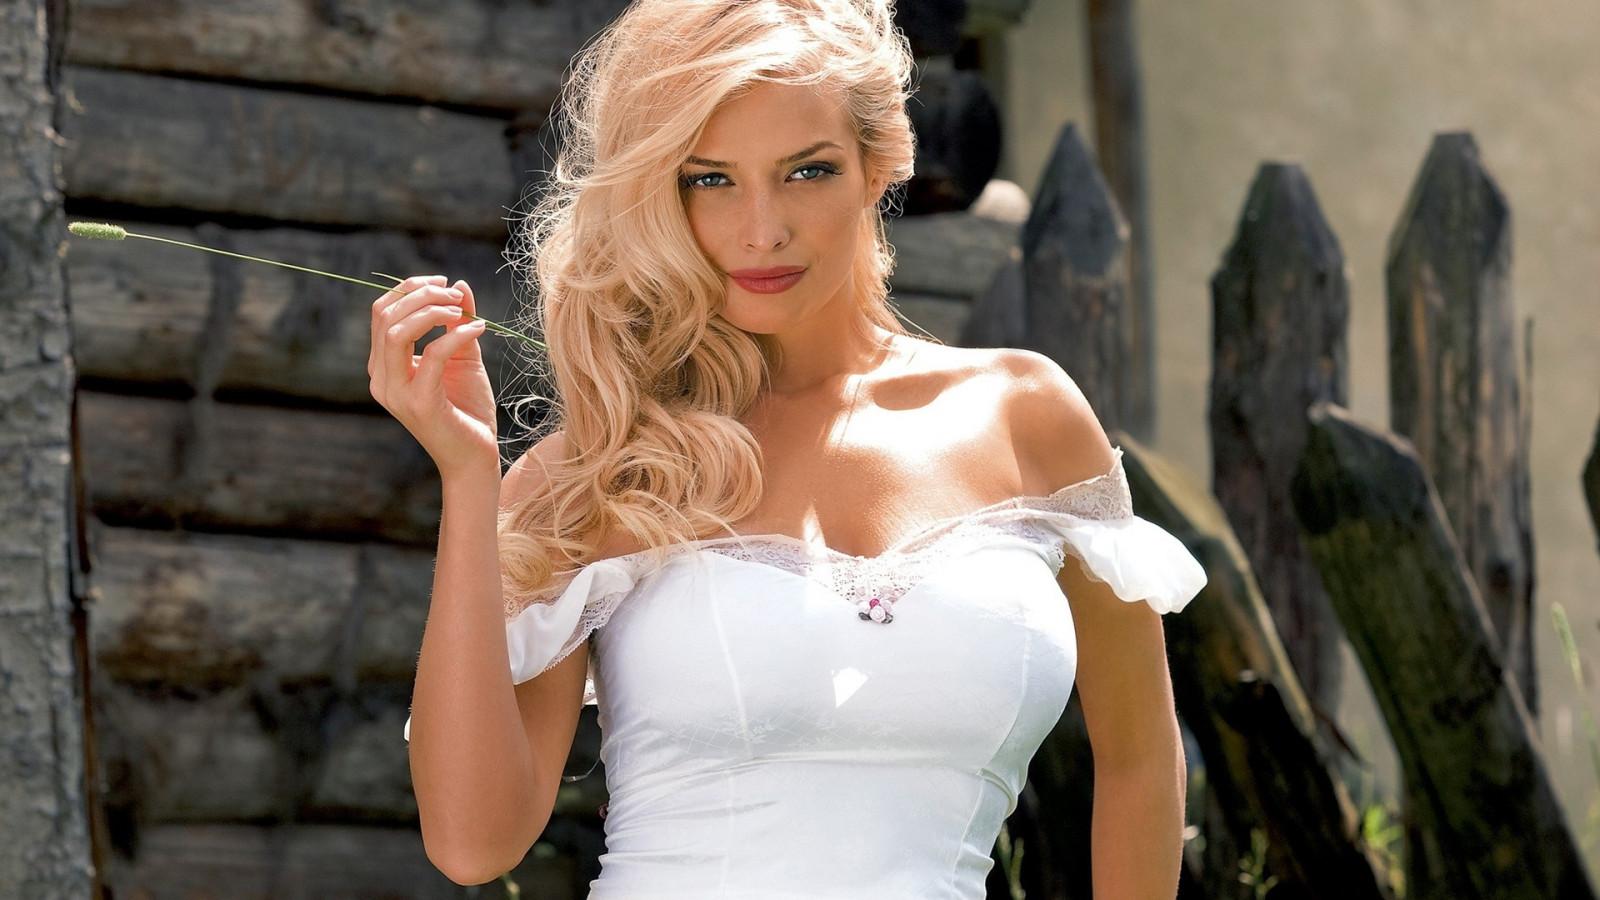 Hintergrundbilder : Frau, Modell-, Porträt, blond, lange Haare ...